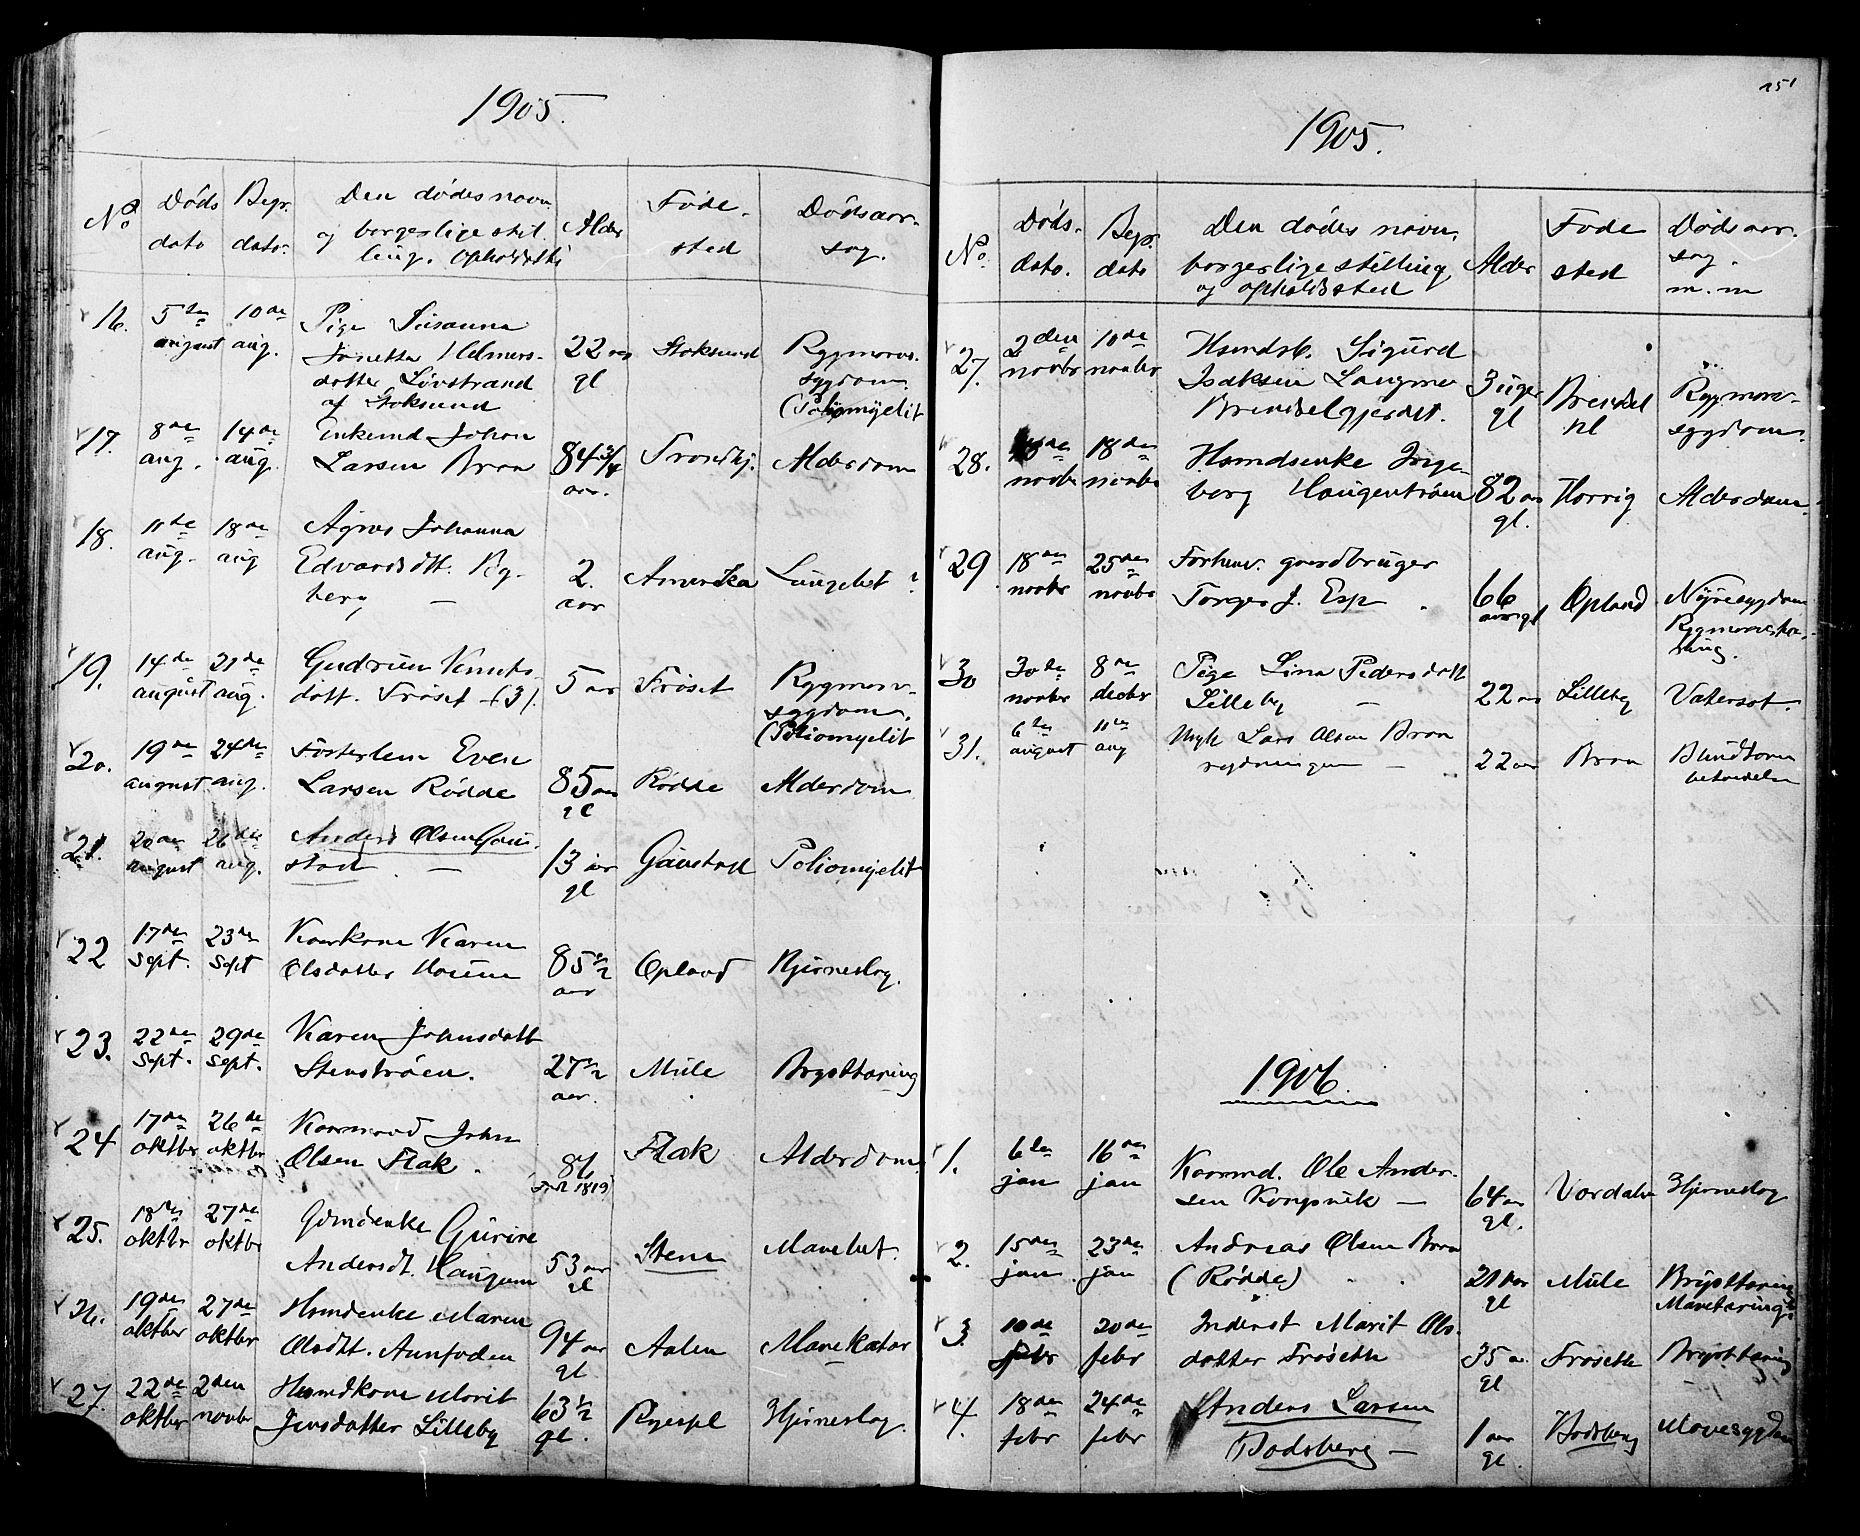 SAT, Ministerialprotokoller, klokkerbøker og fødselsregistre - Sør-Trøndelag, 612/L0387: Klokkerbok nr. 612C03, 1874-1908, s. 251